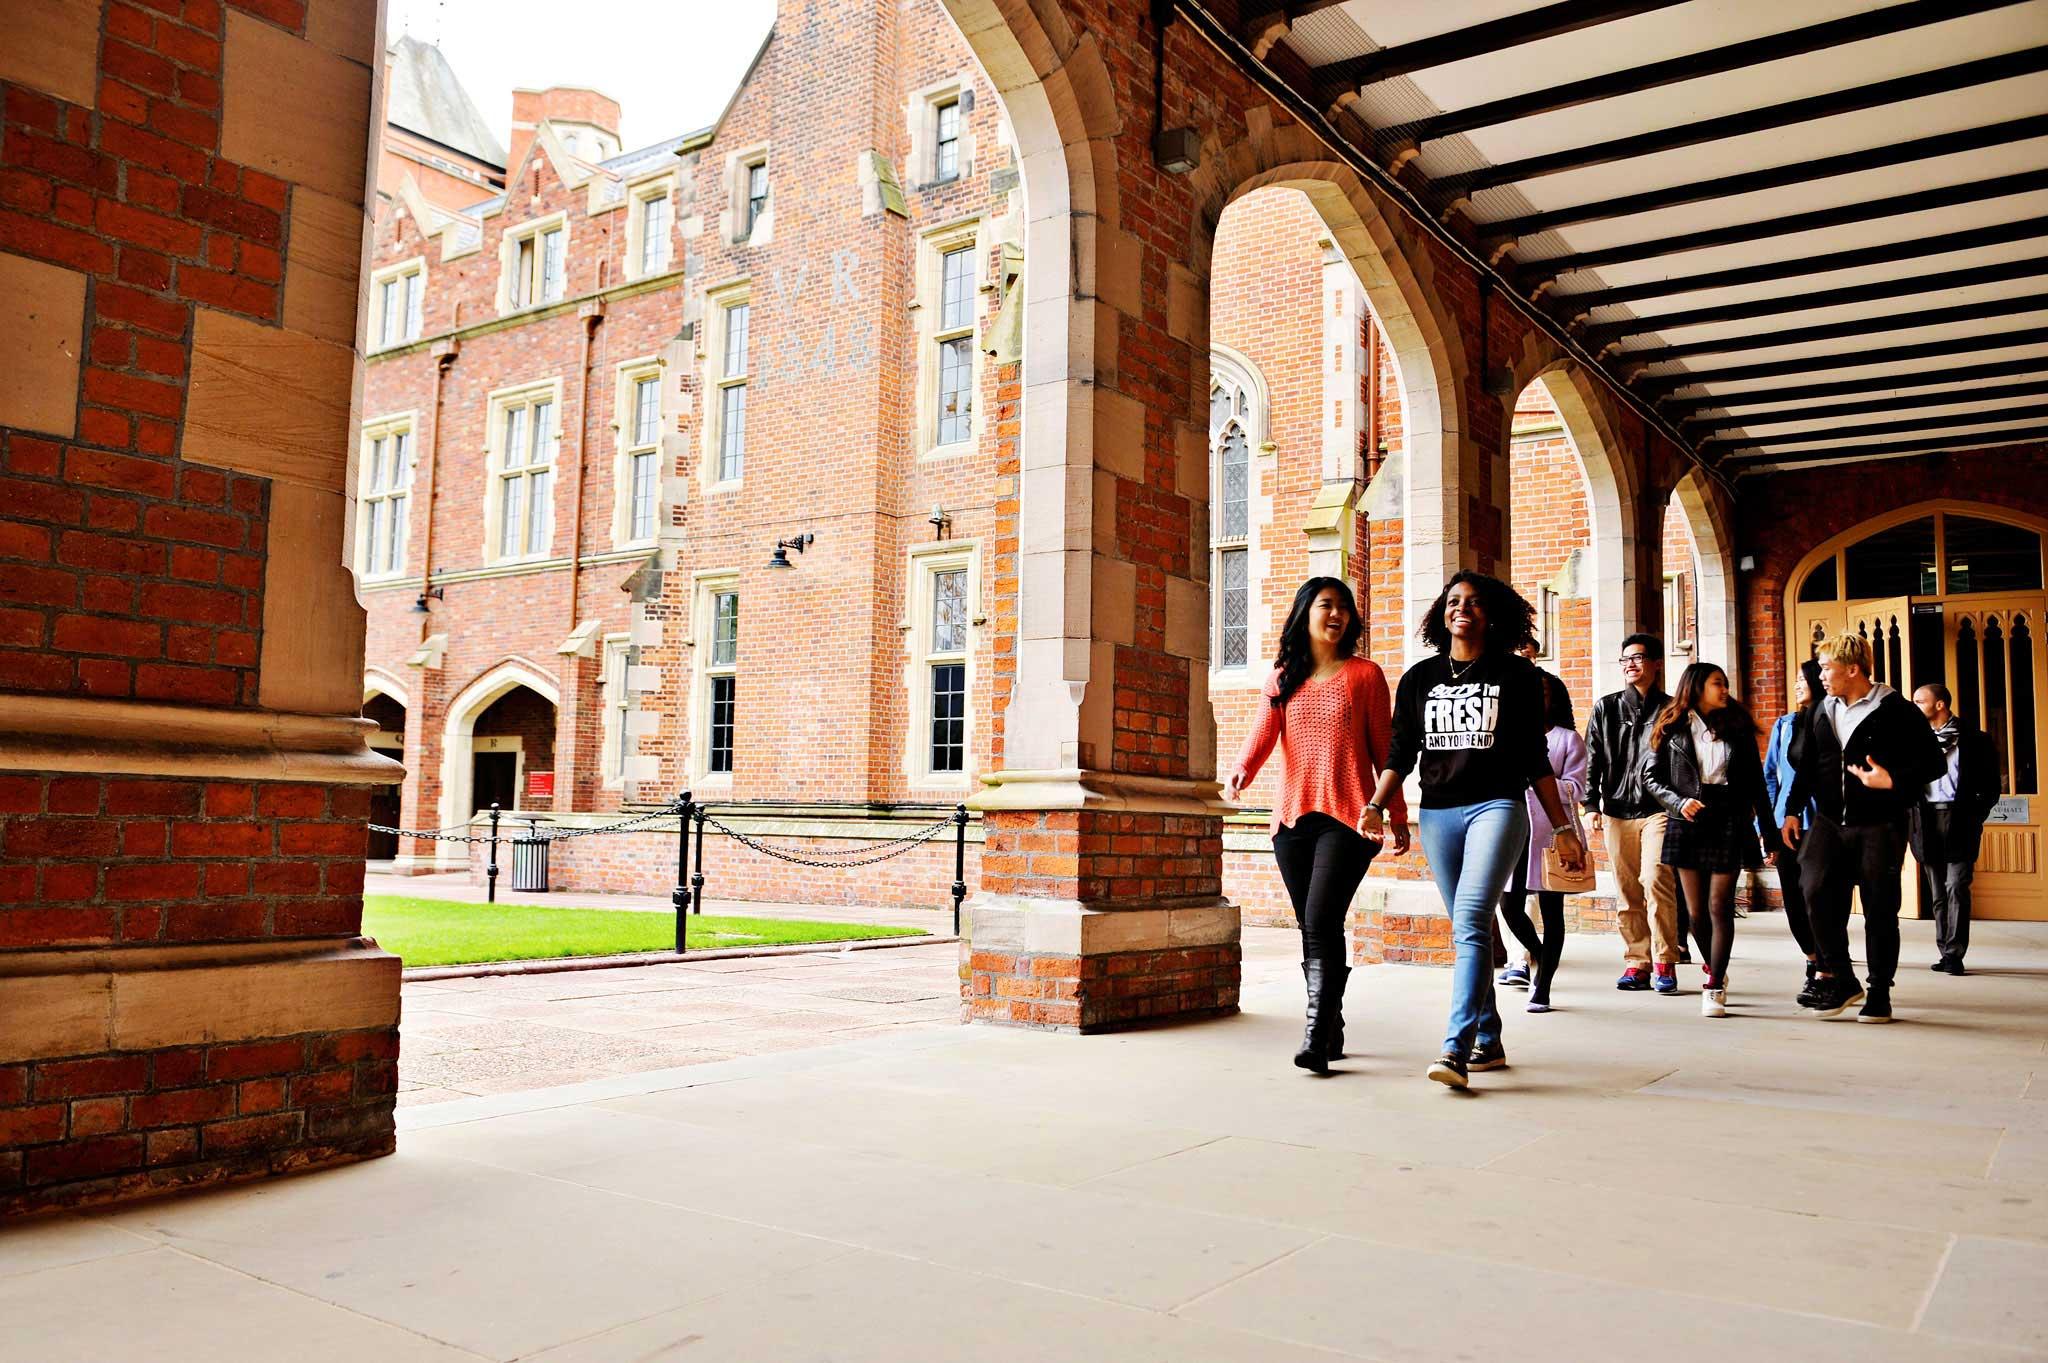 ادرس في واحدة من أقدم الجامعات البريطانية